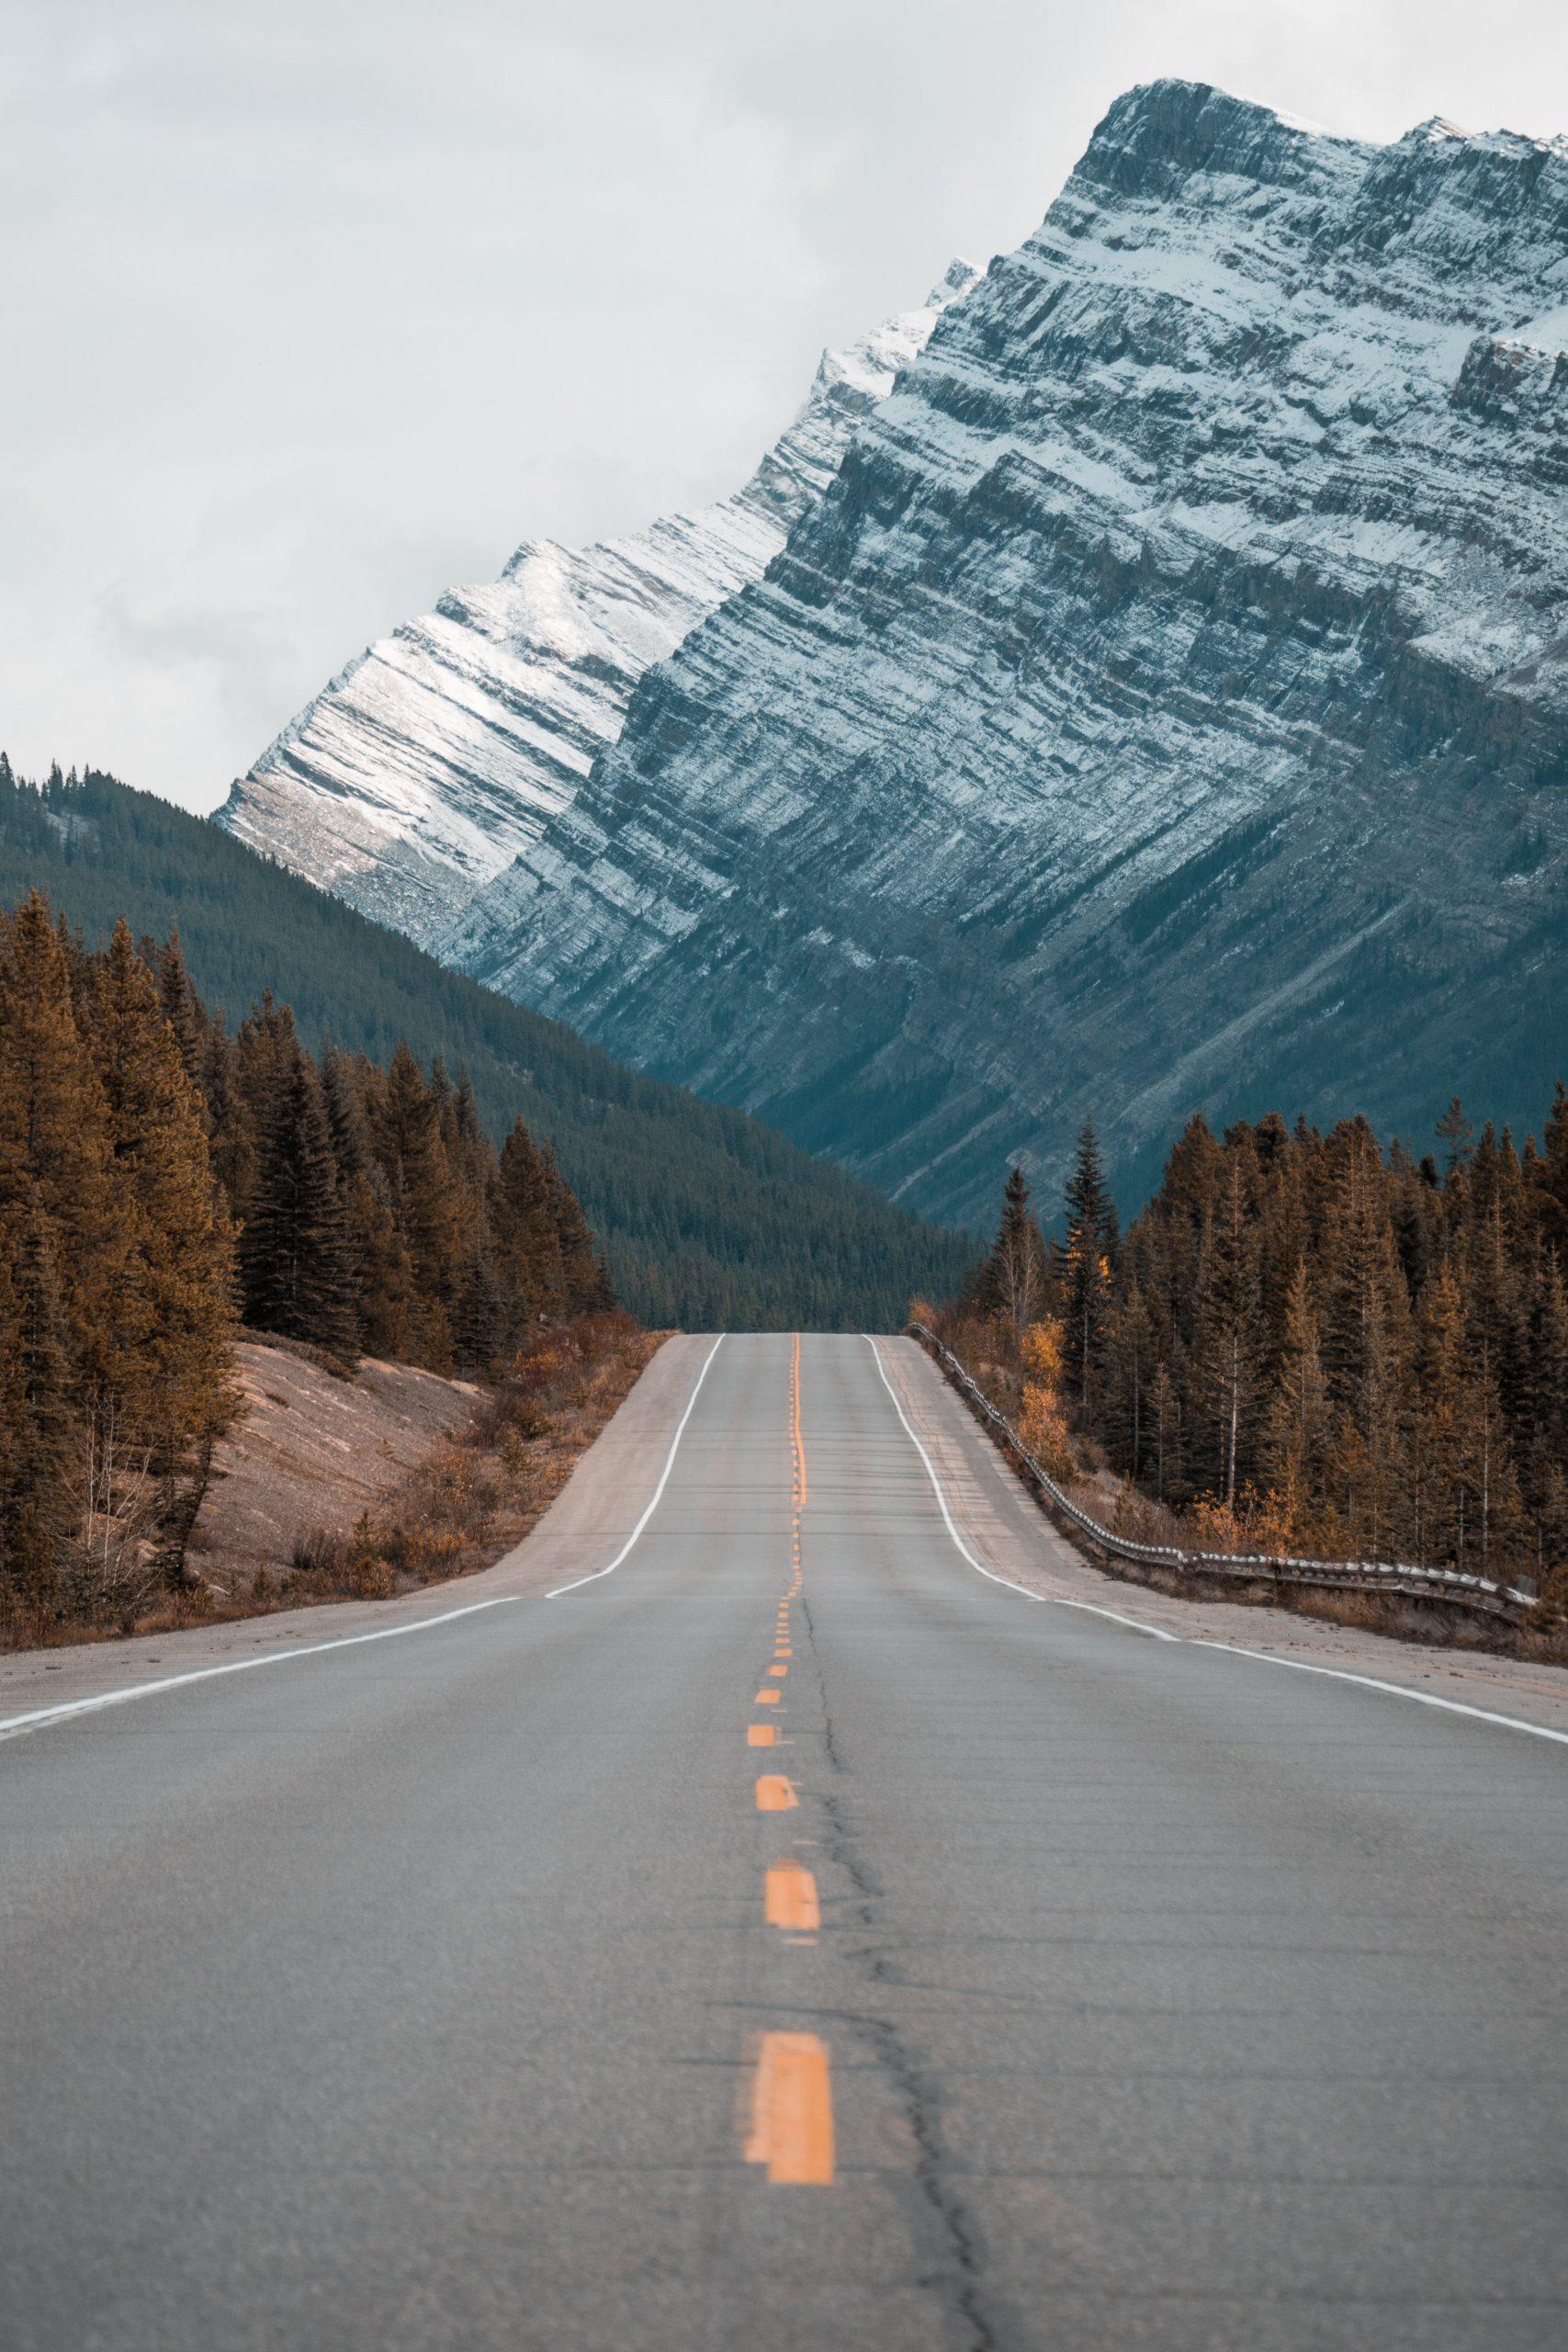 Droga w górach będąca metaforą właściwego kierunku drogi zawodowej